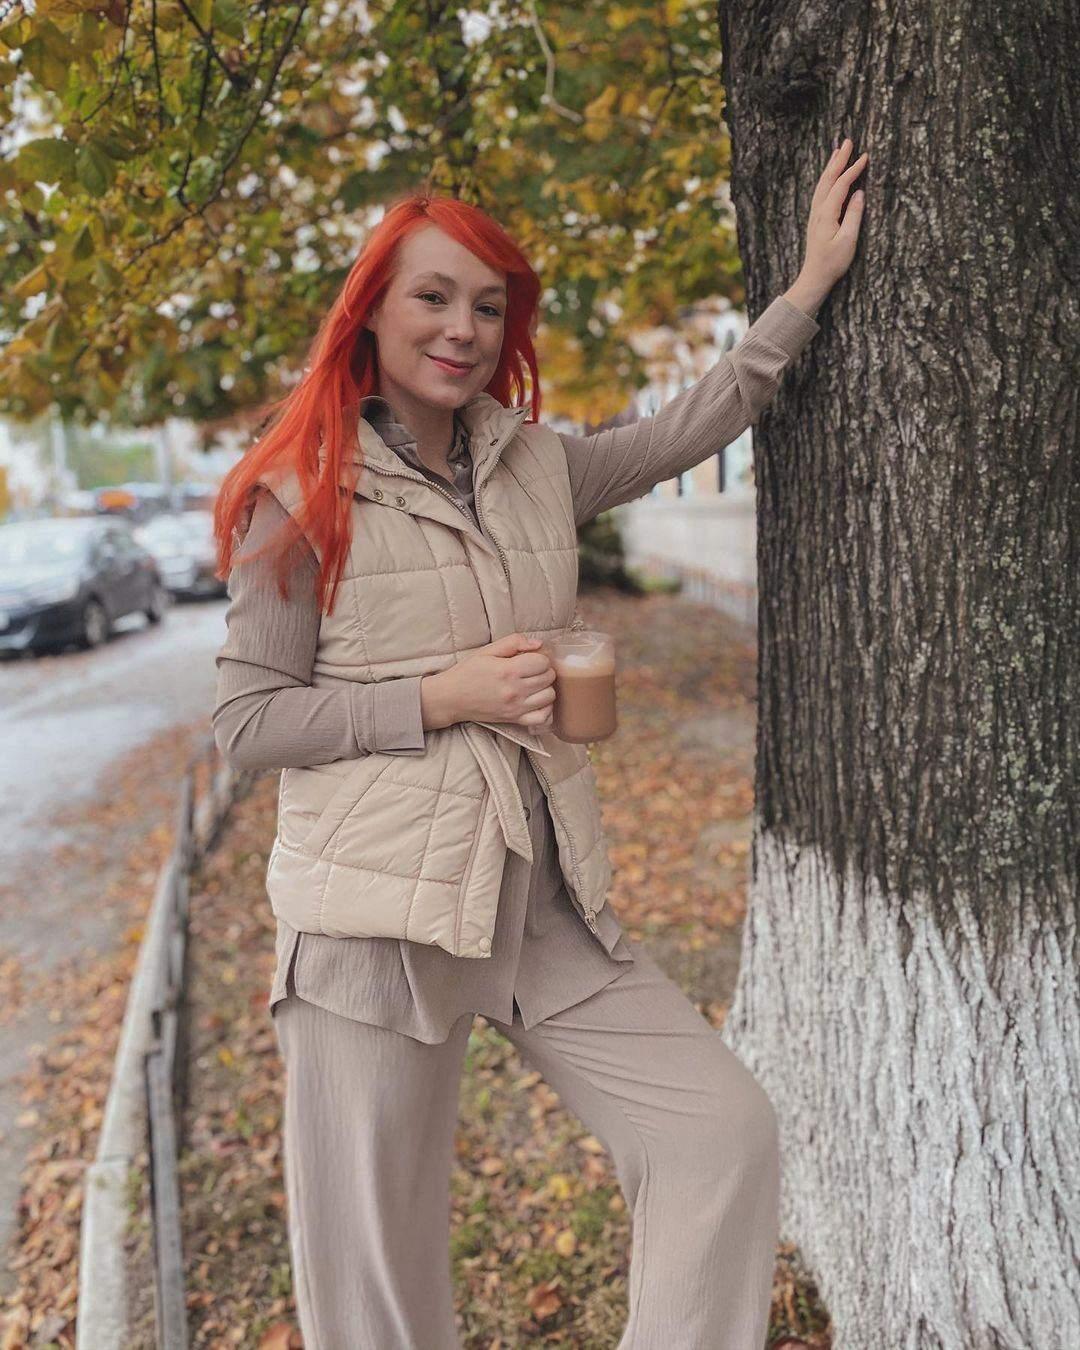 Світлана Тарабарова у нюдовому вбранні